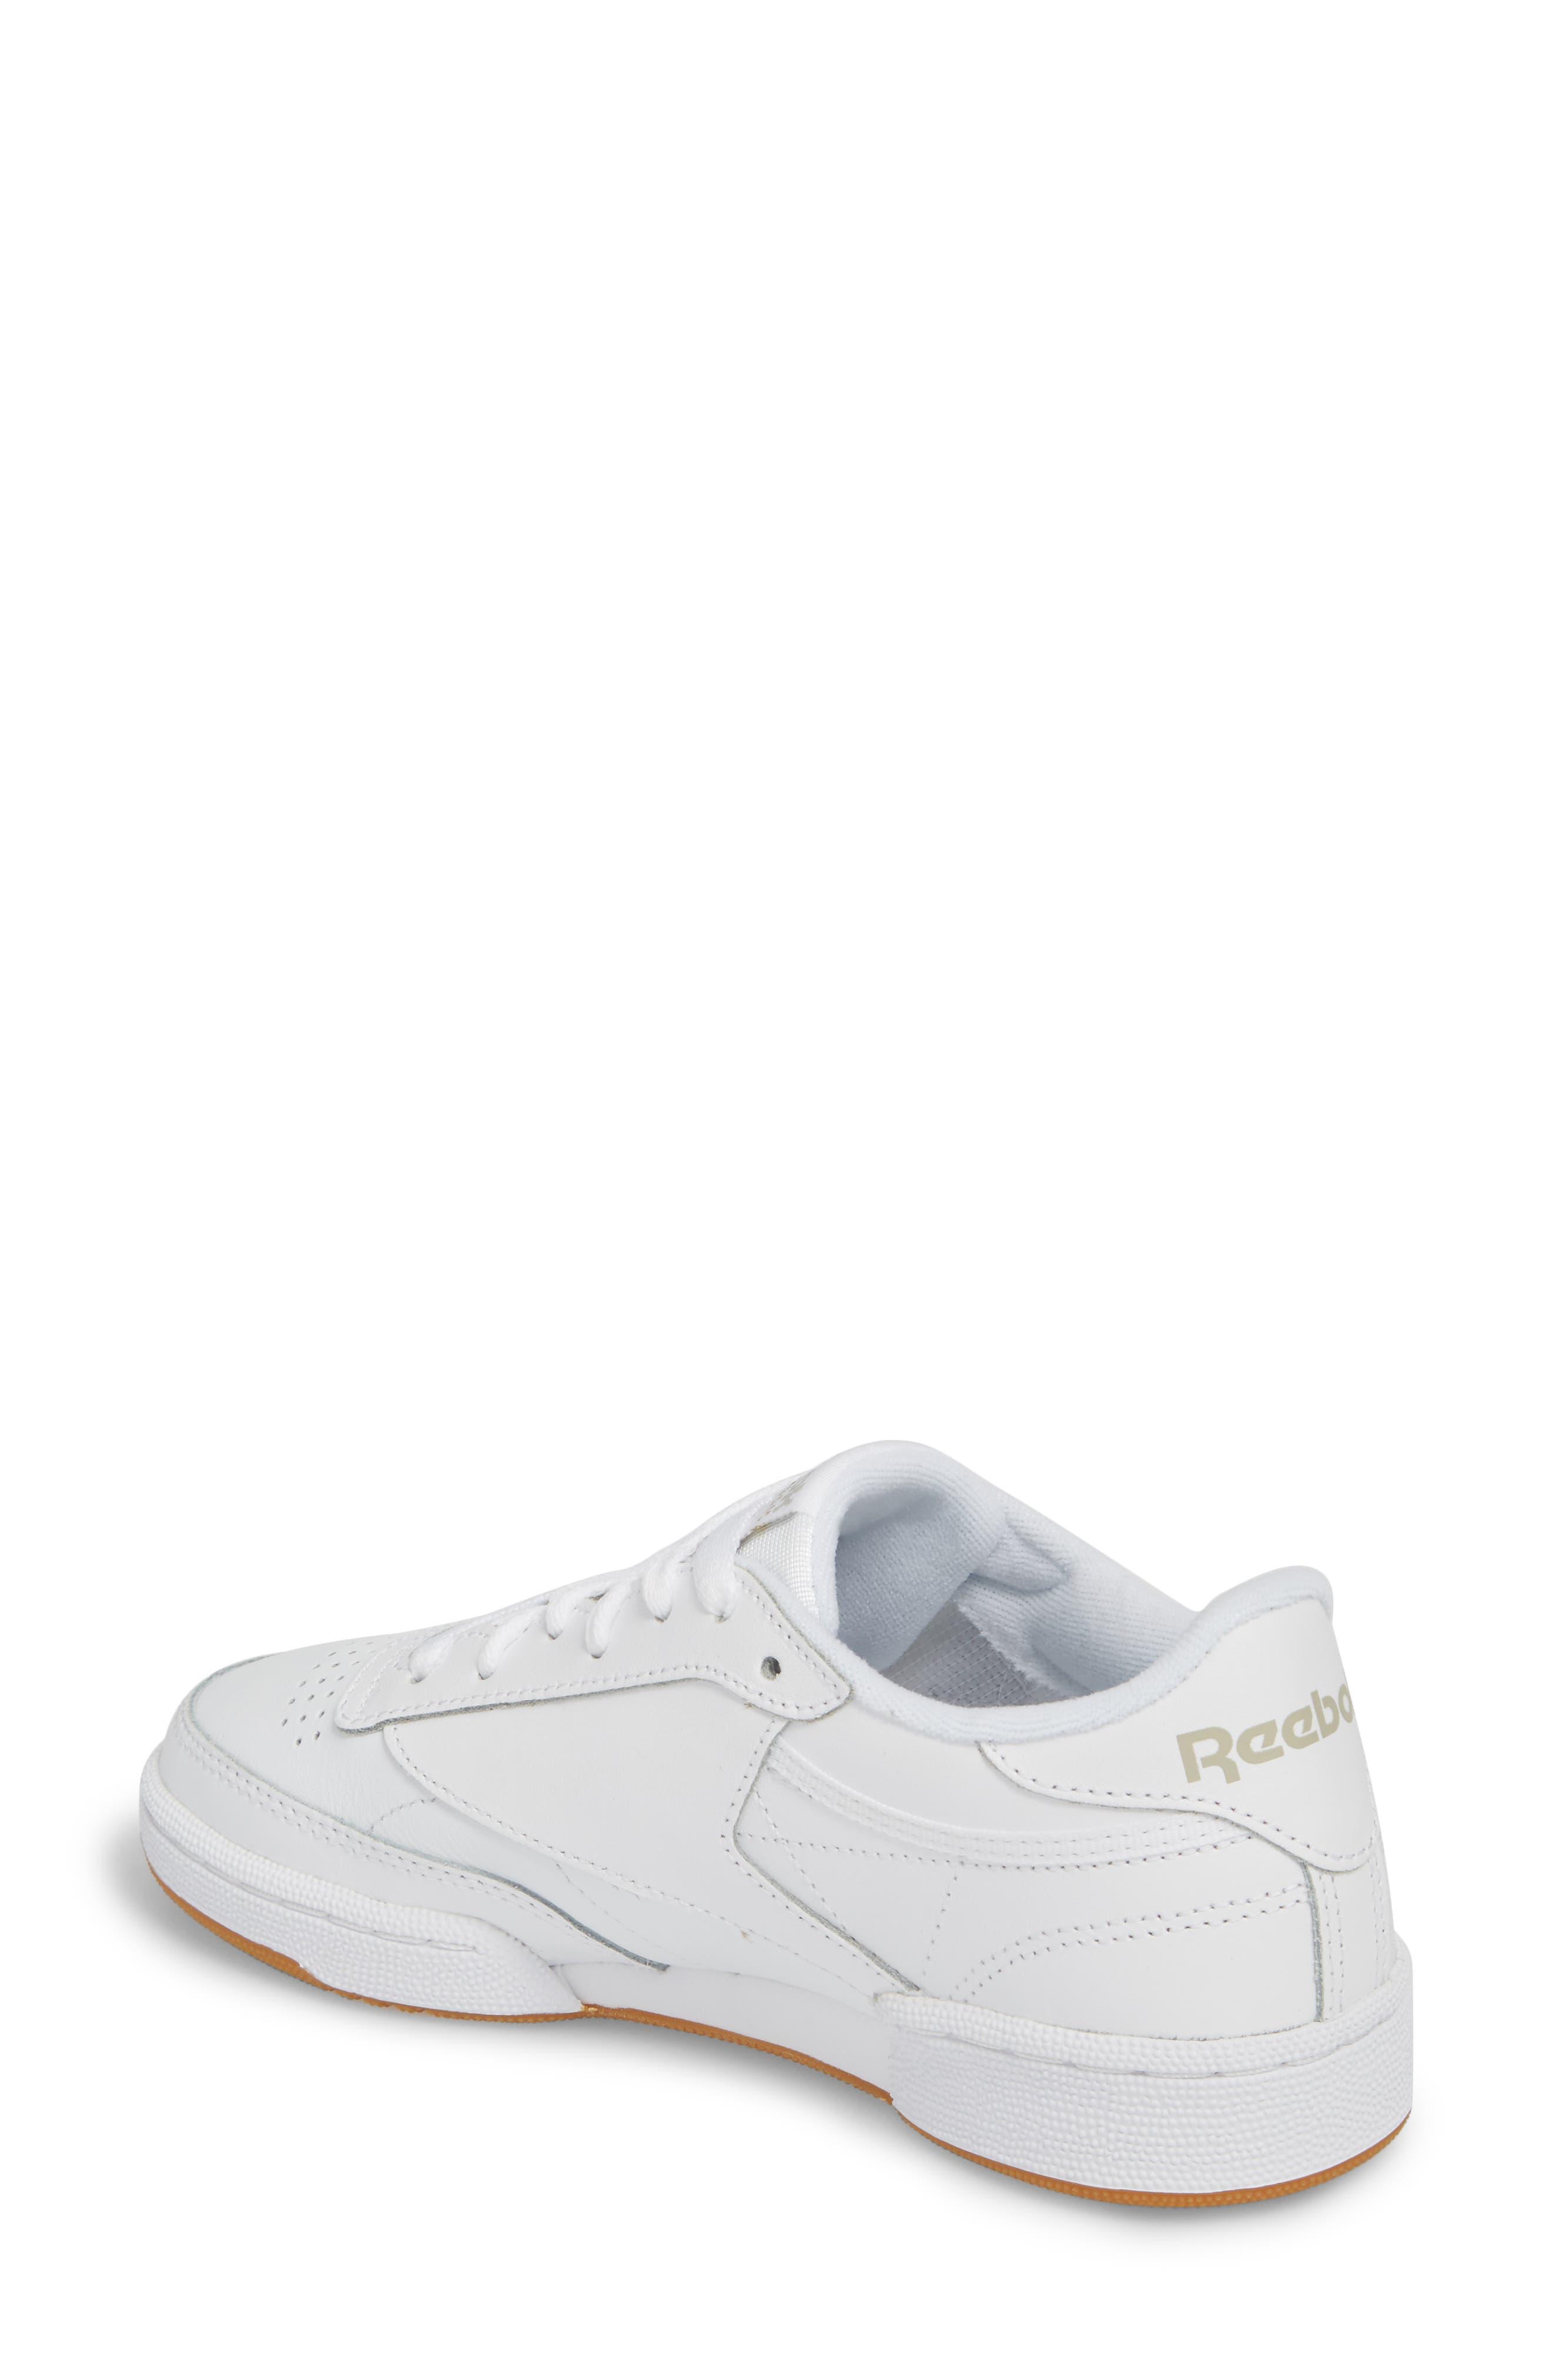 ,                             Club C 85 Sneaker,                             Alternate thumbnail 2, color,                             WHITE/ LIGHT GREY/ GUM